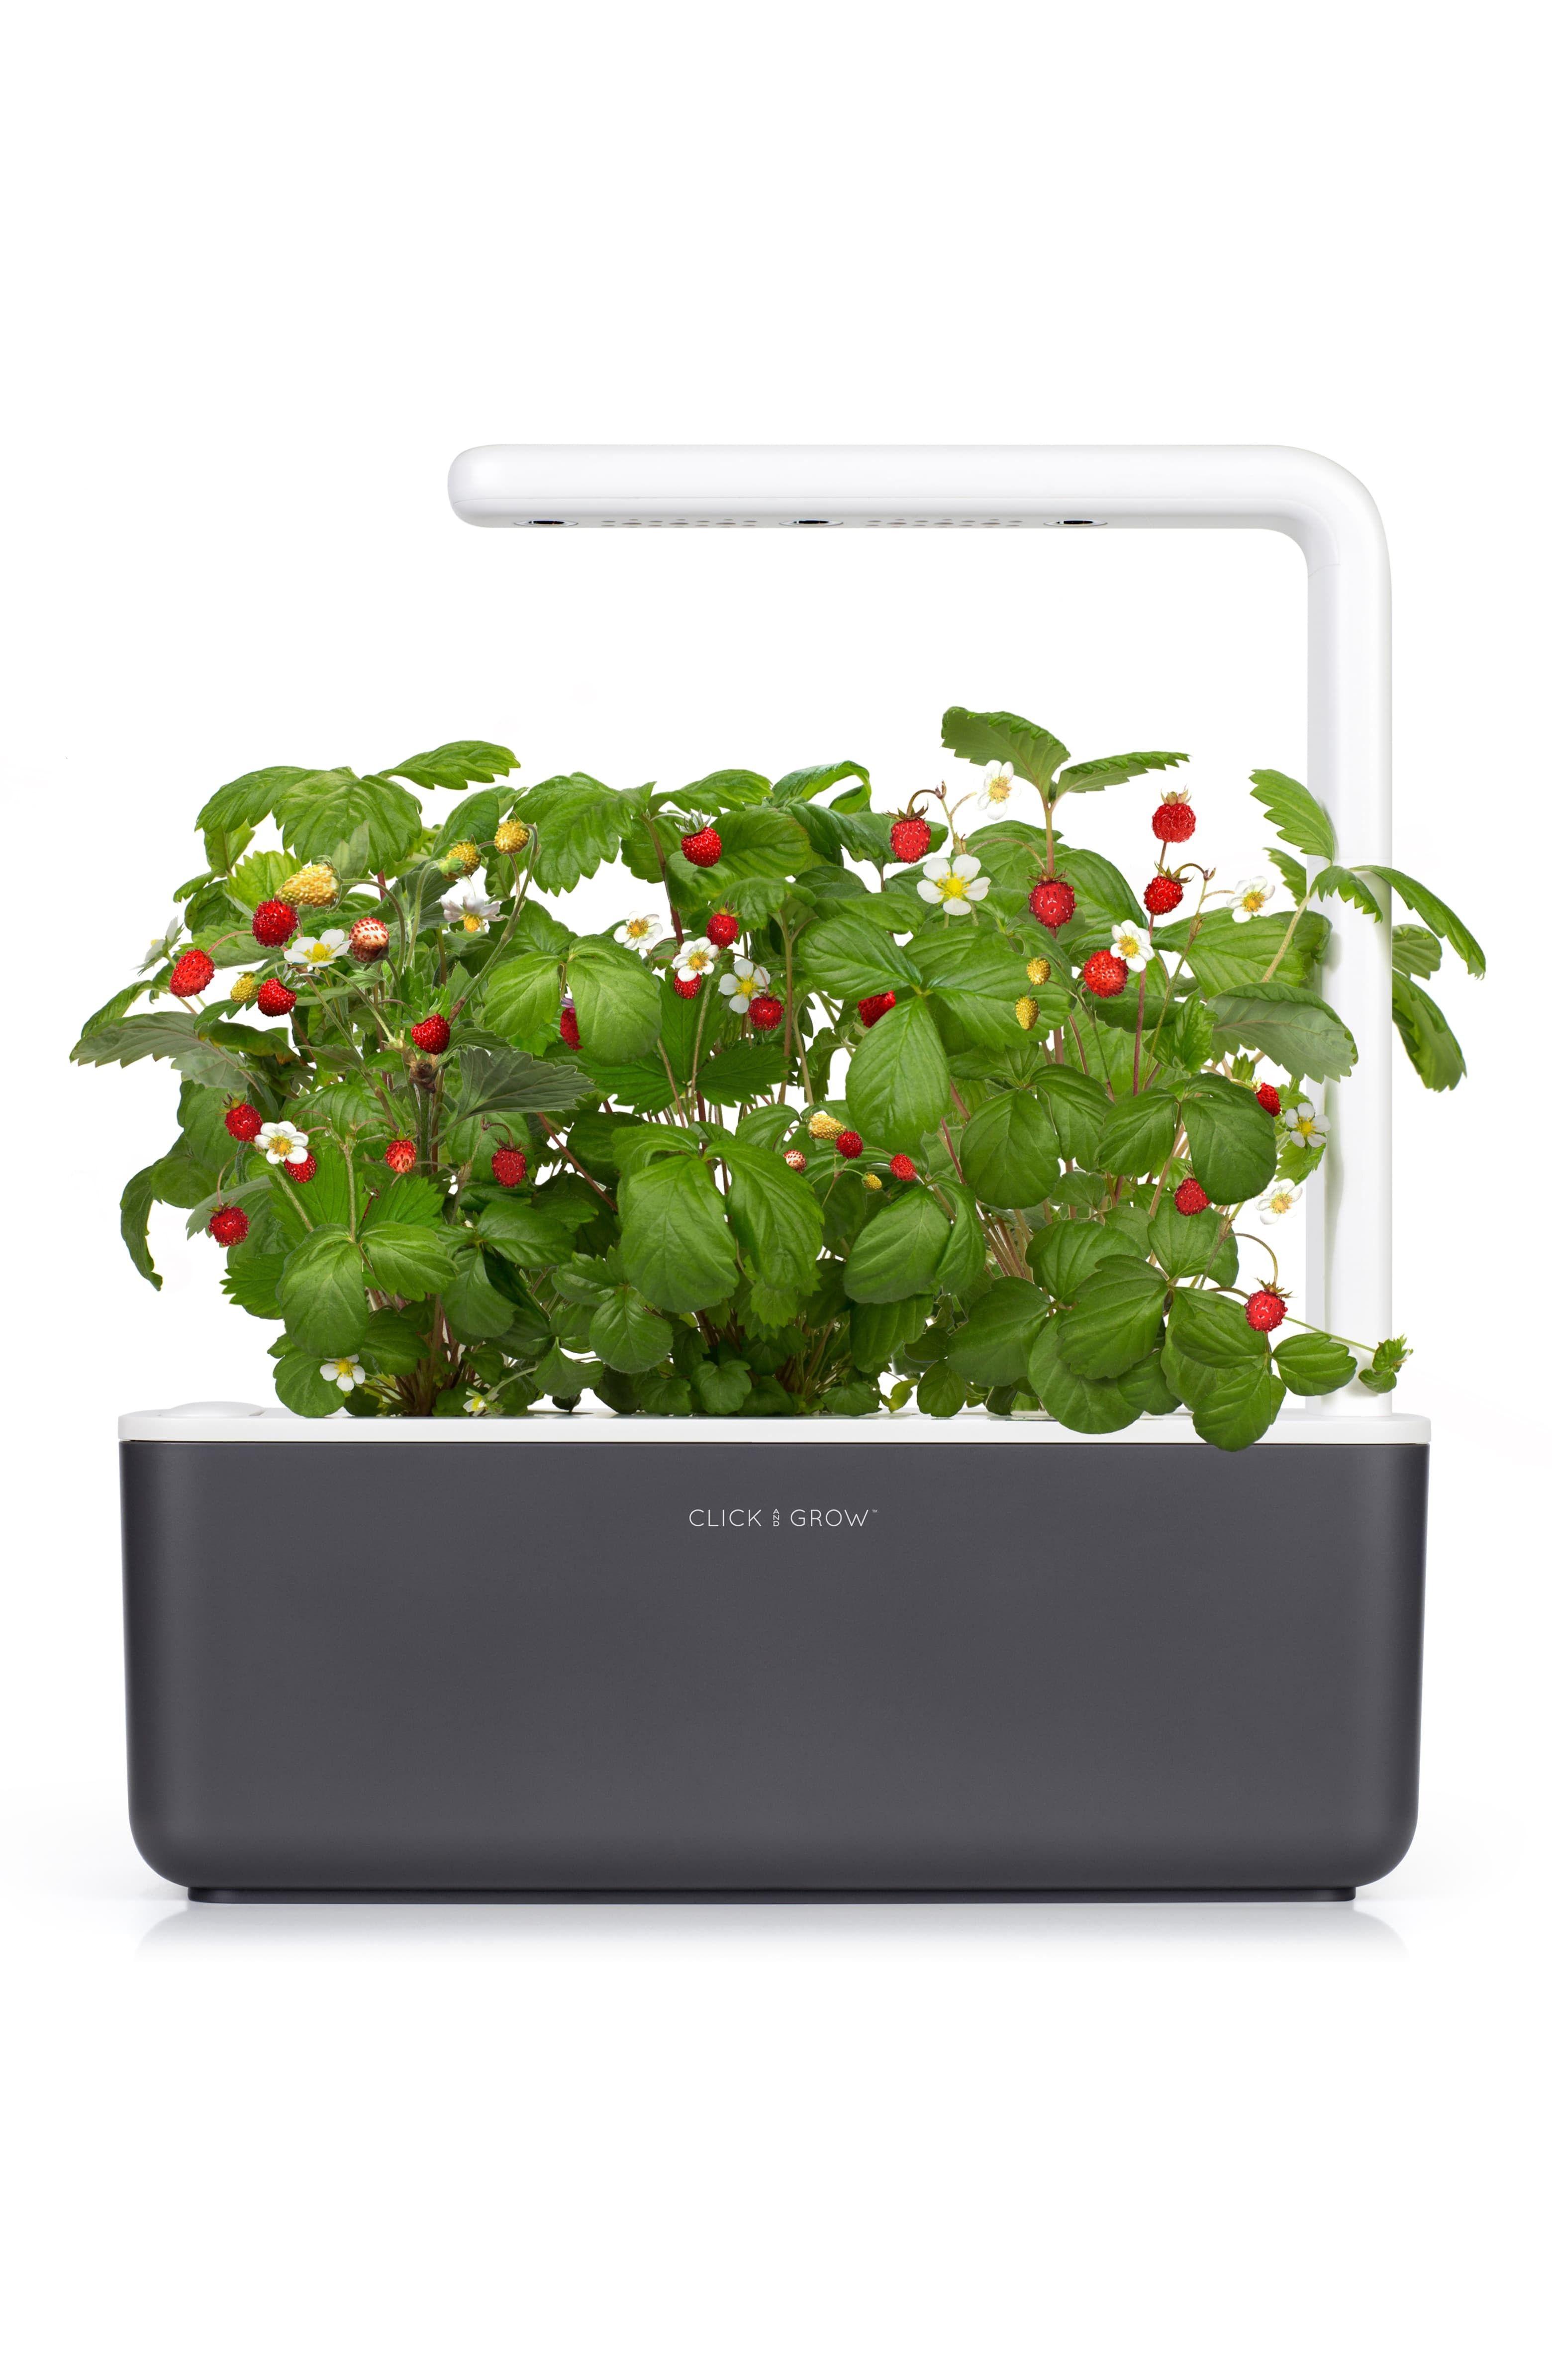 Smart Garden 3 Self Watering Indoor Garden My Future 400 x 300